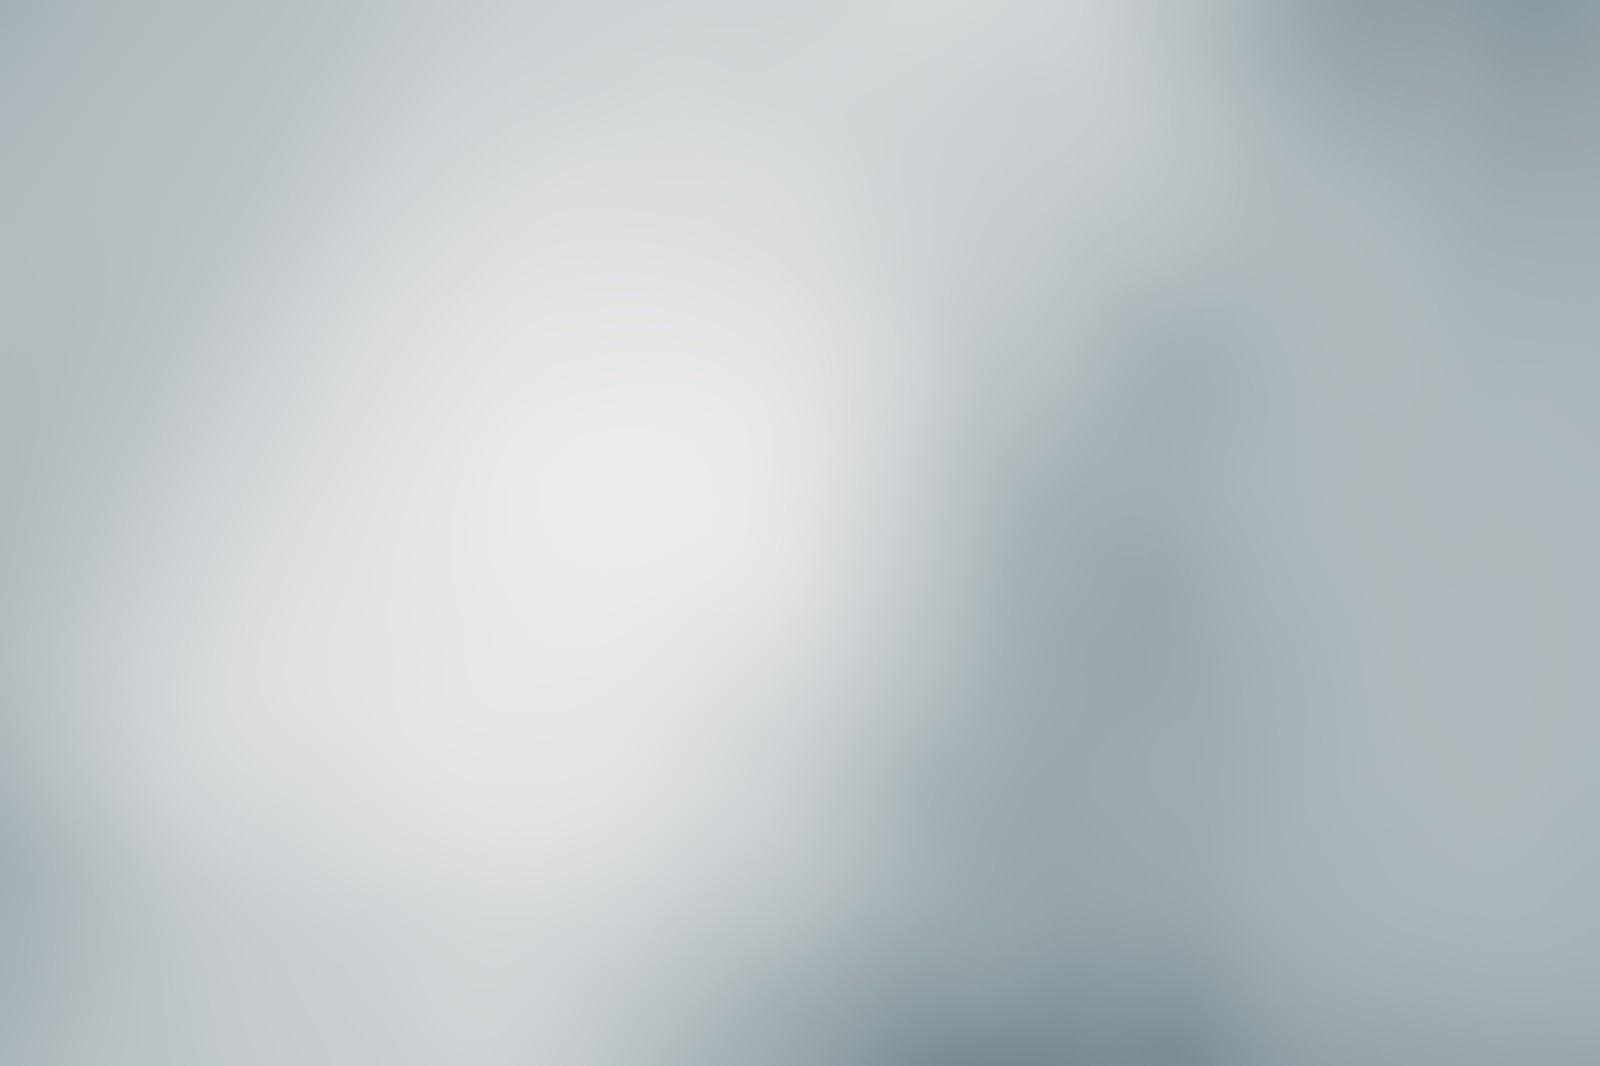 「灰色のボケ」の写真